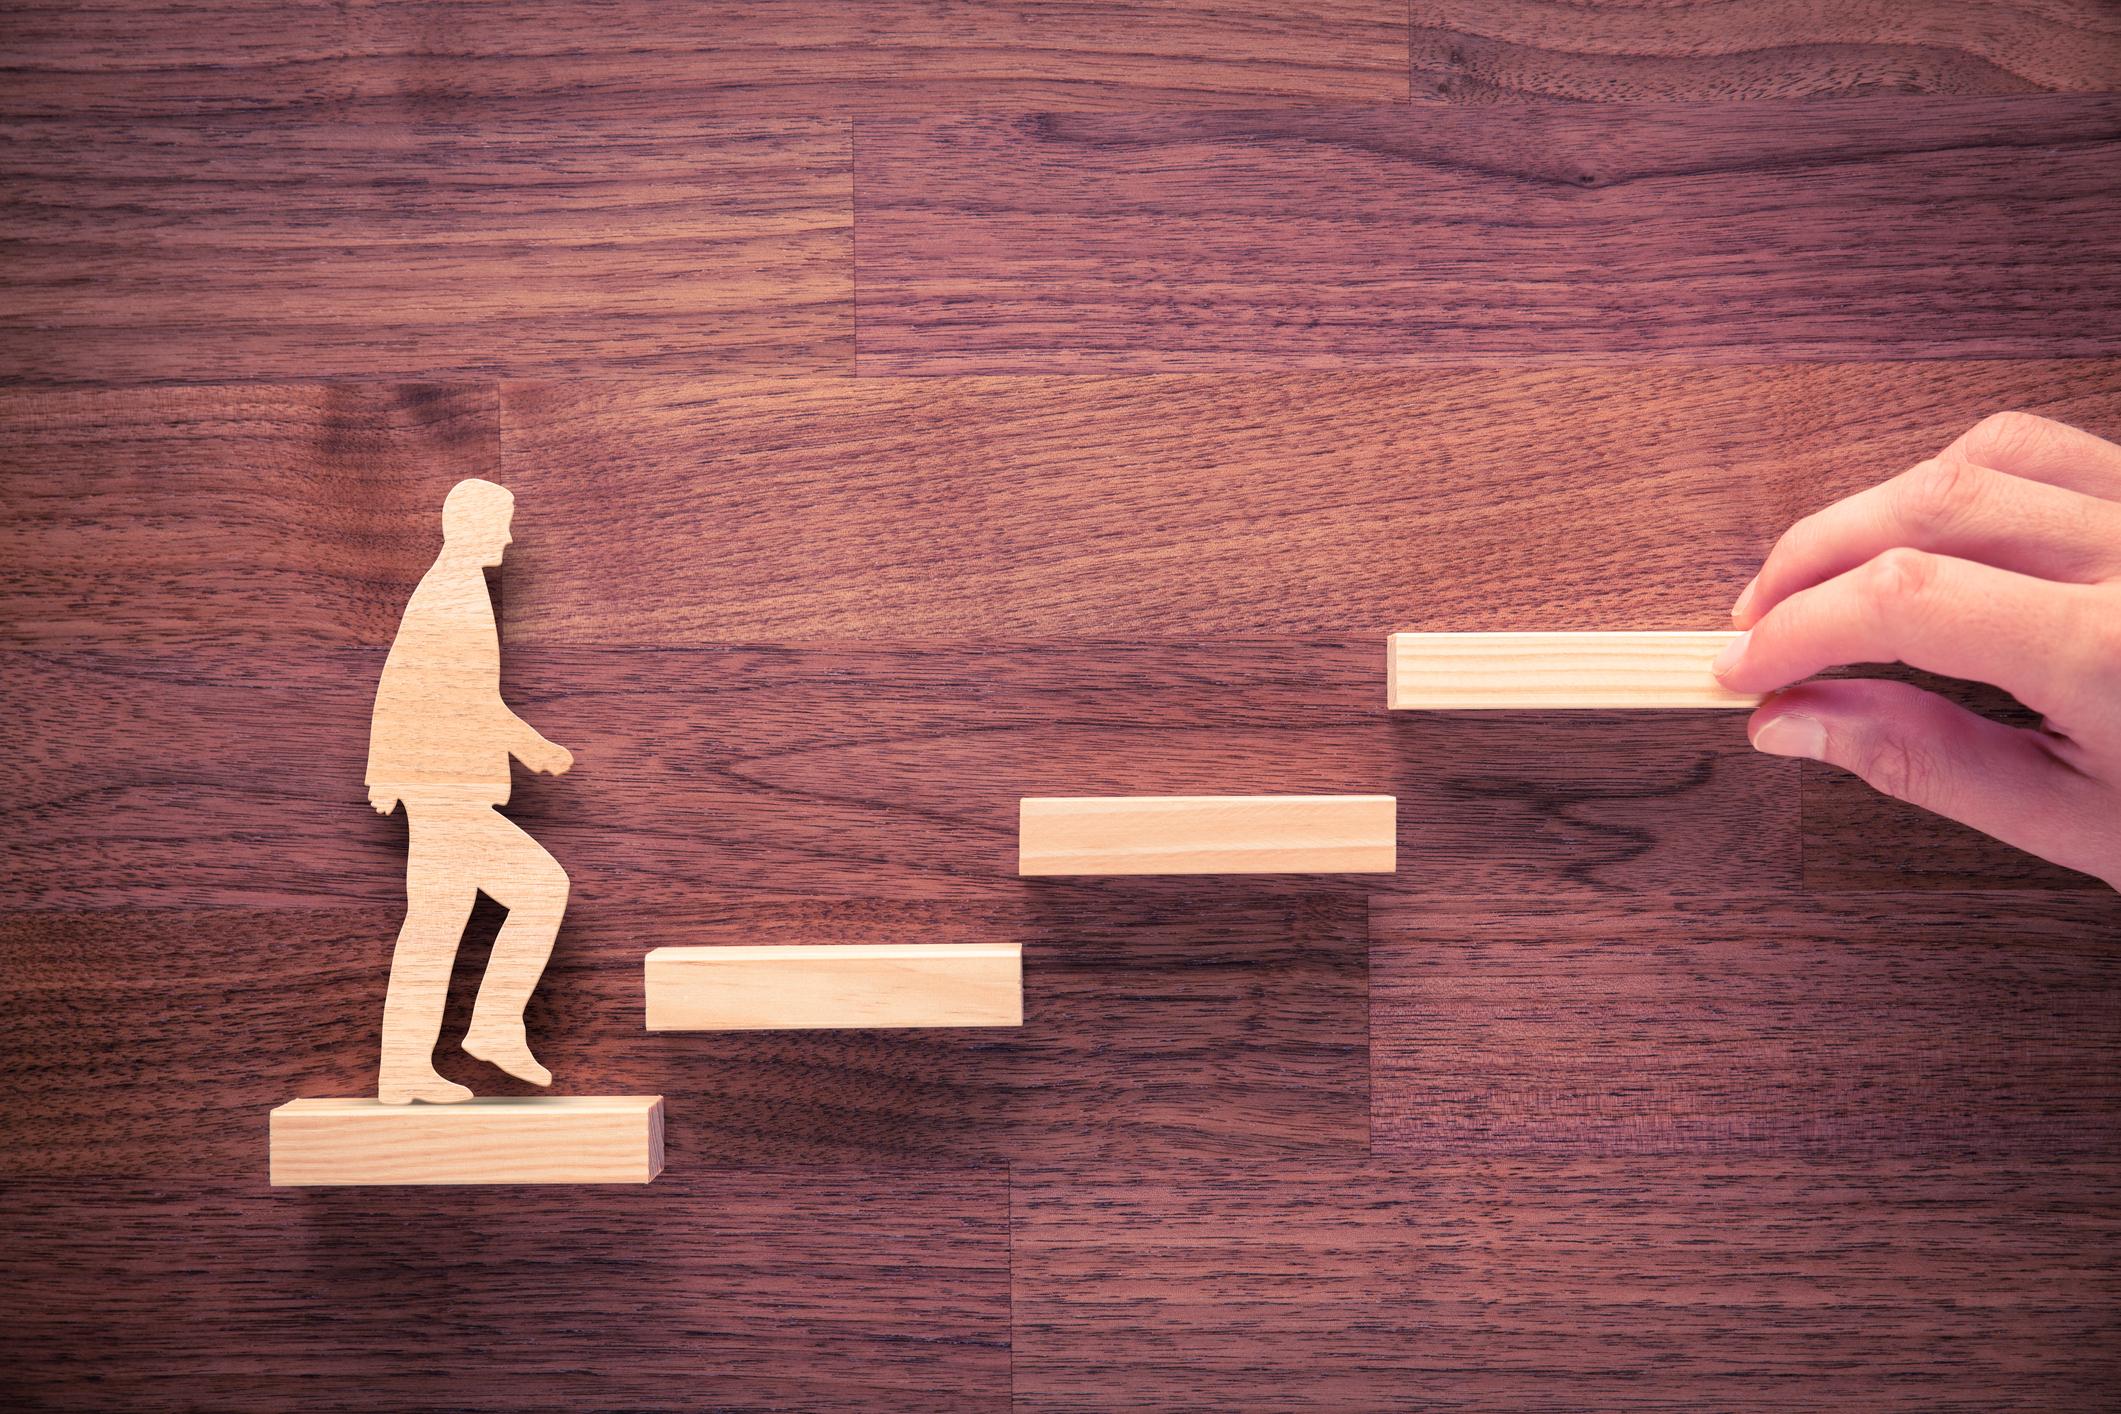 A wooden block figure walks up steps.